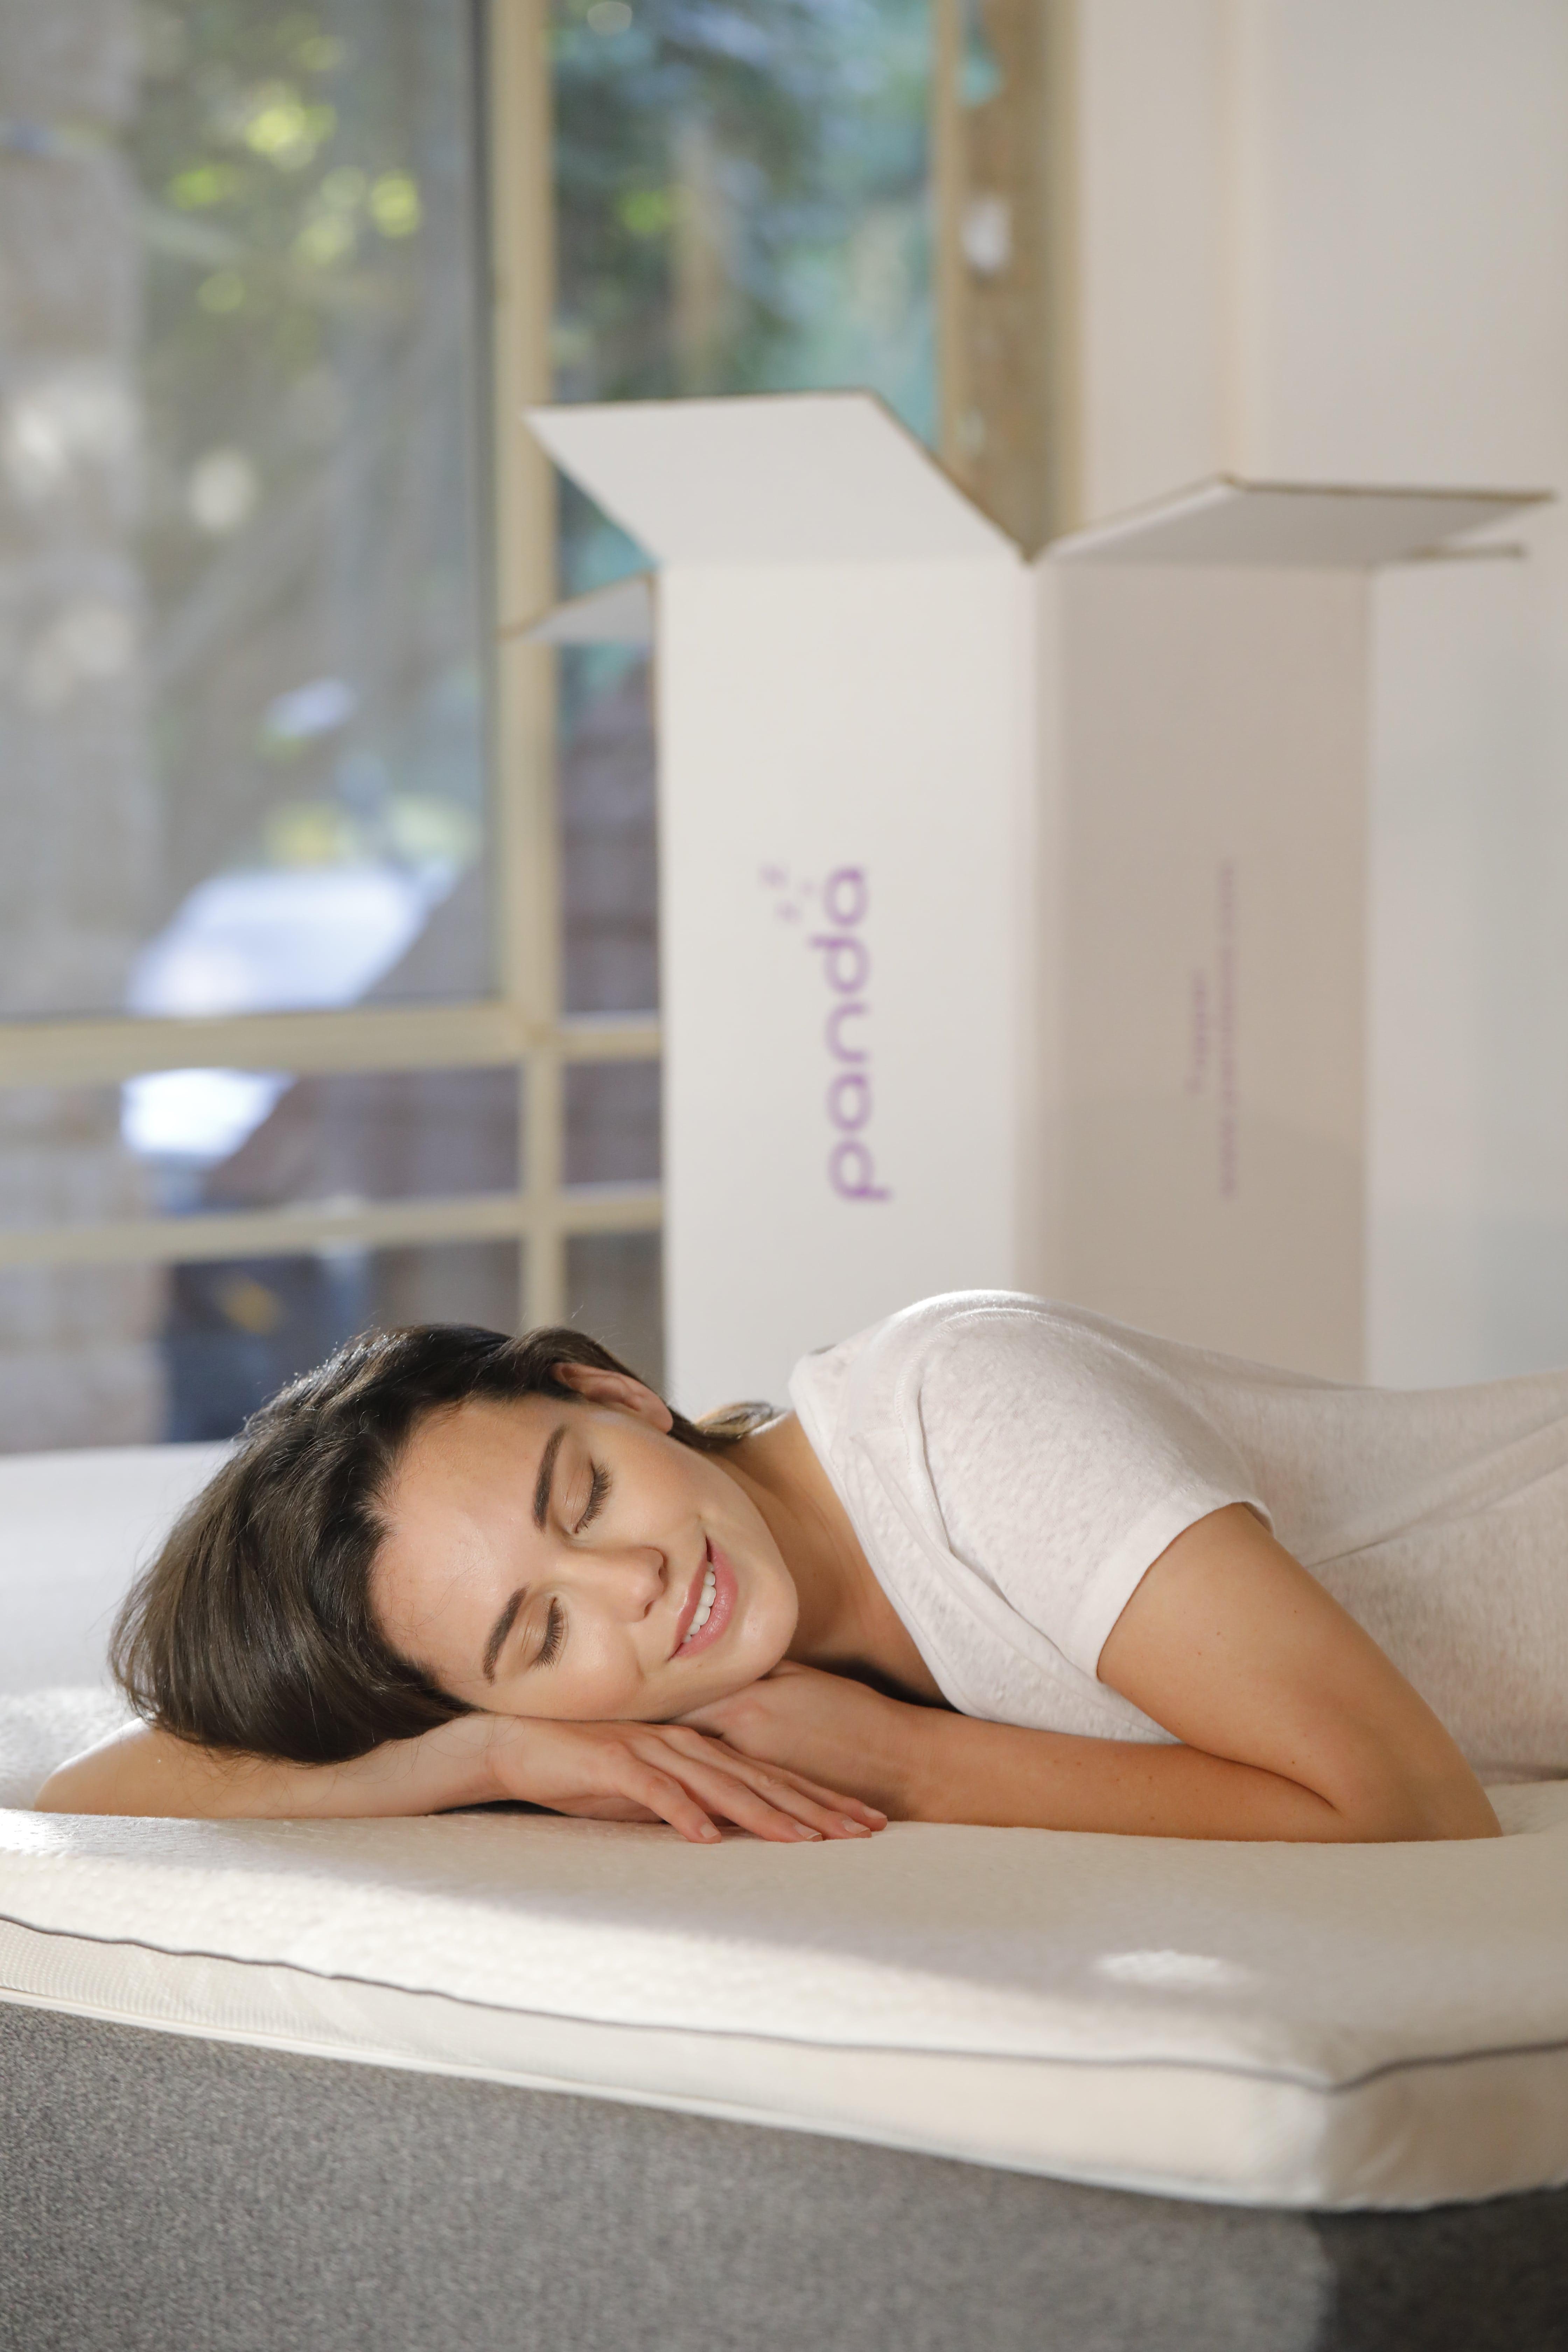 נהנים משינה מושלמת